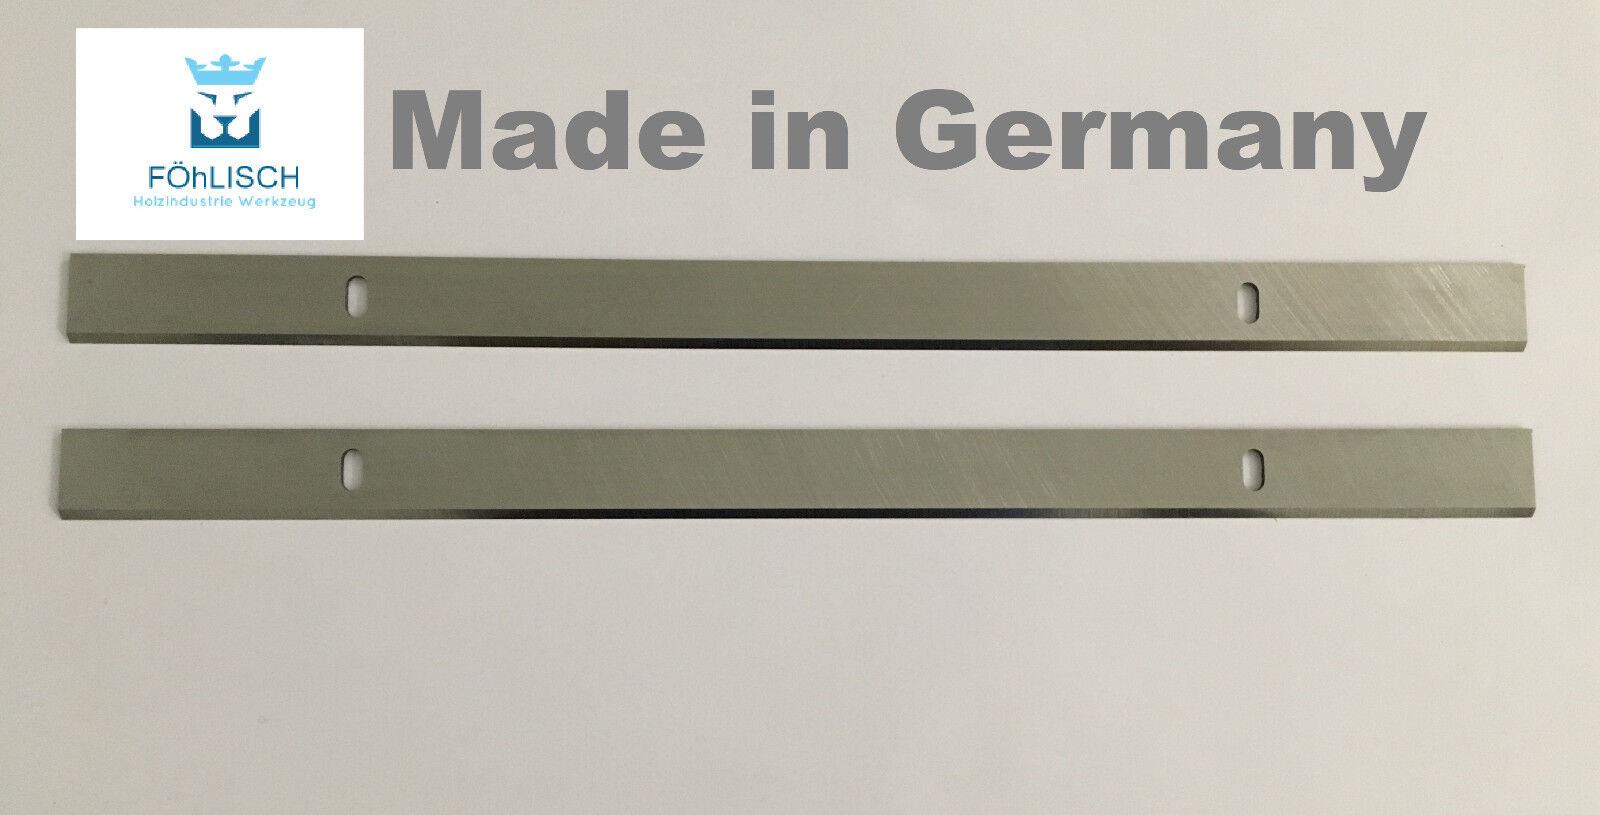 1 Paar 260 x 20 x 3 mm HSS Hobel Dickenhobel Sägeblätter 260203